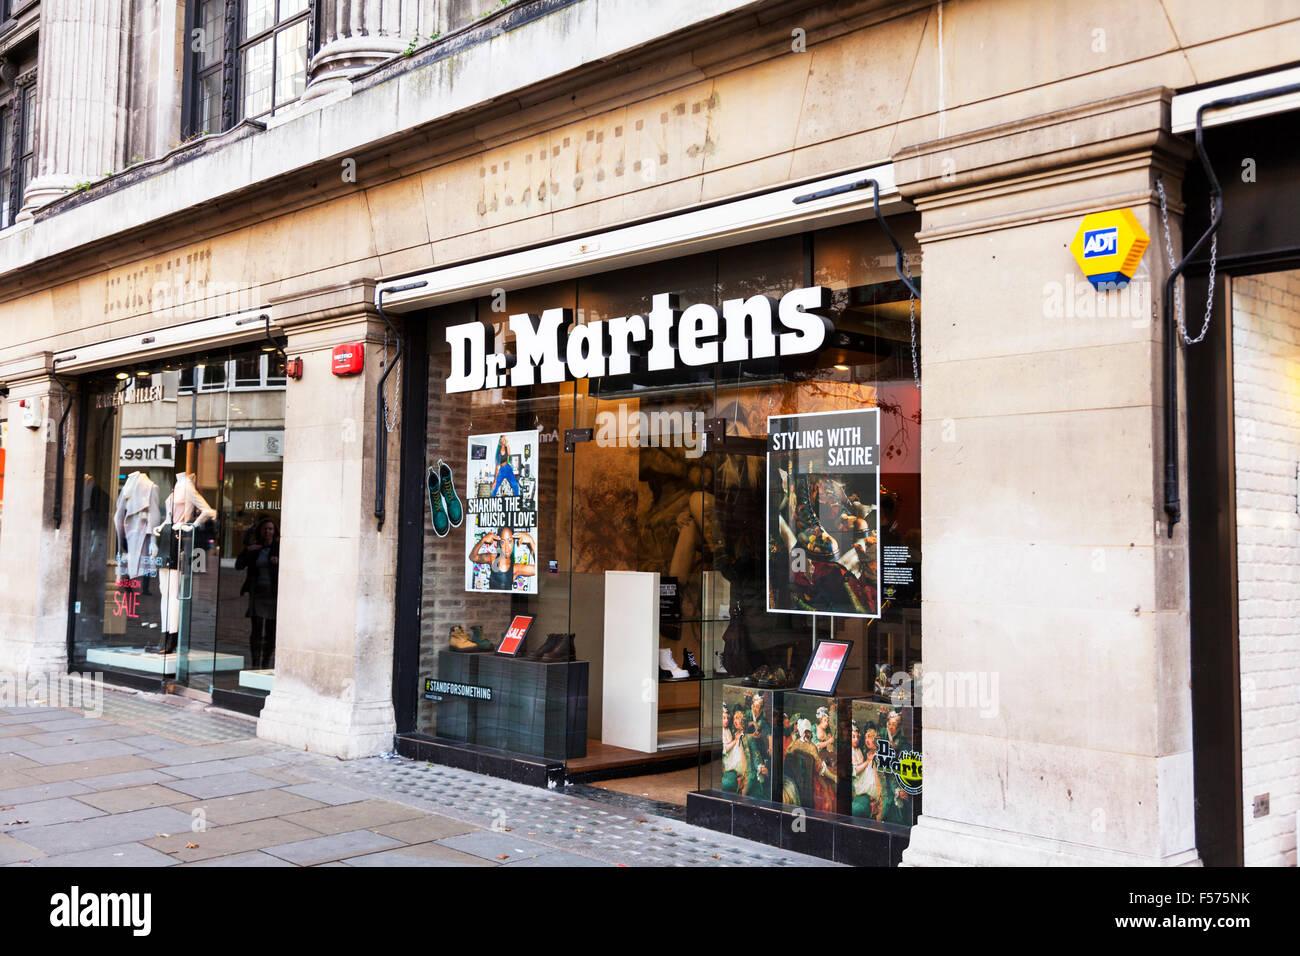 Shop Dr. Martens at Shoe Carnival! Find great deals on Dr. Martens shoes in Shoe Carnival stores and online!